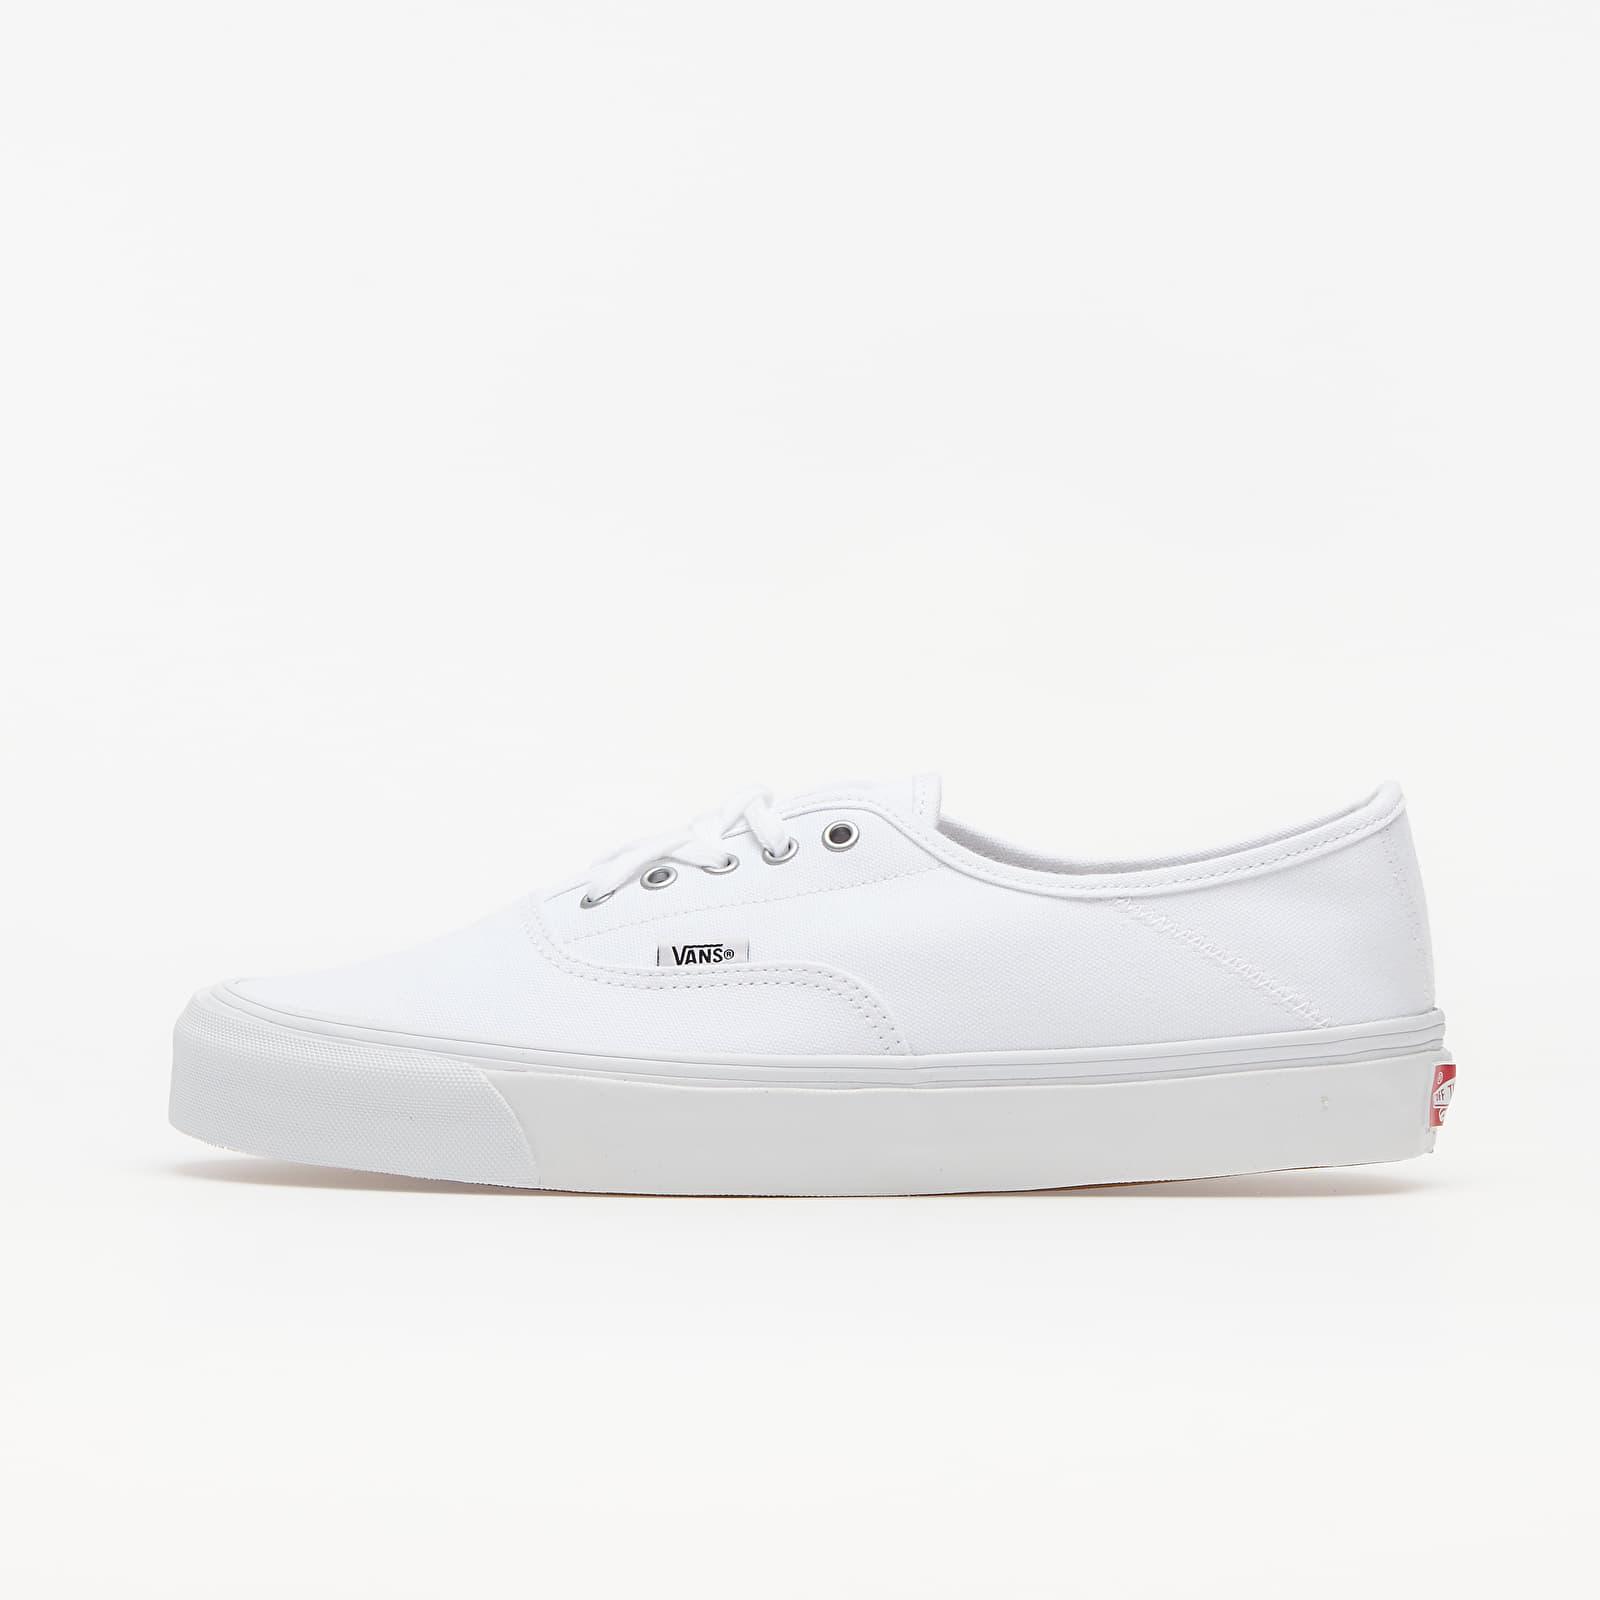 Vans OG Style 43 LX (ALYX) True White VN0A3DPBOK91